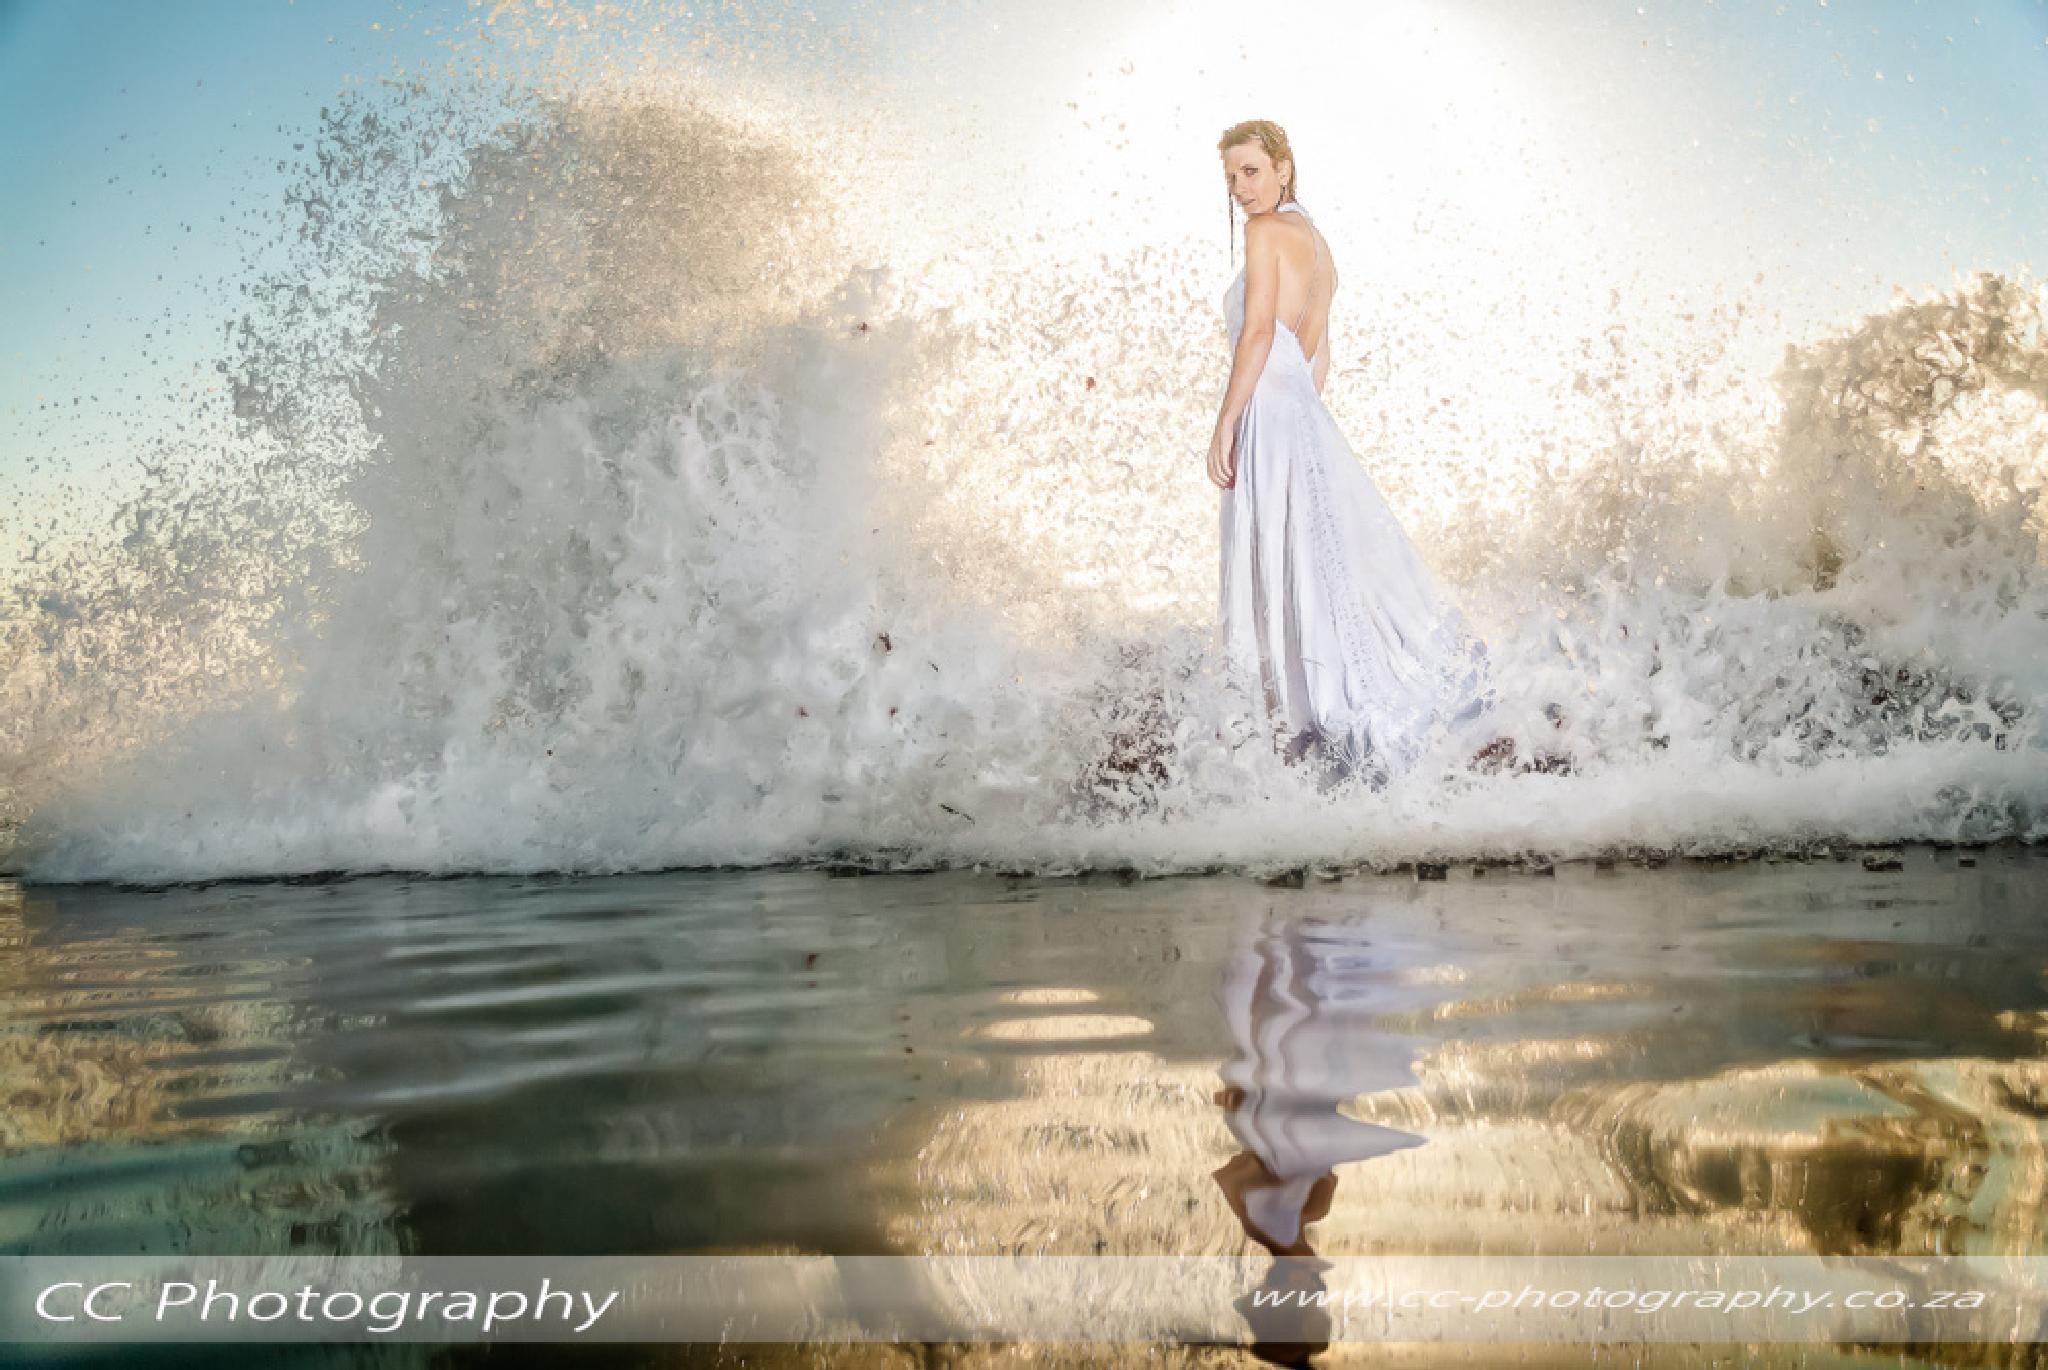 SPlash by craigbotha